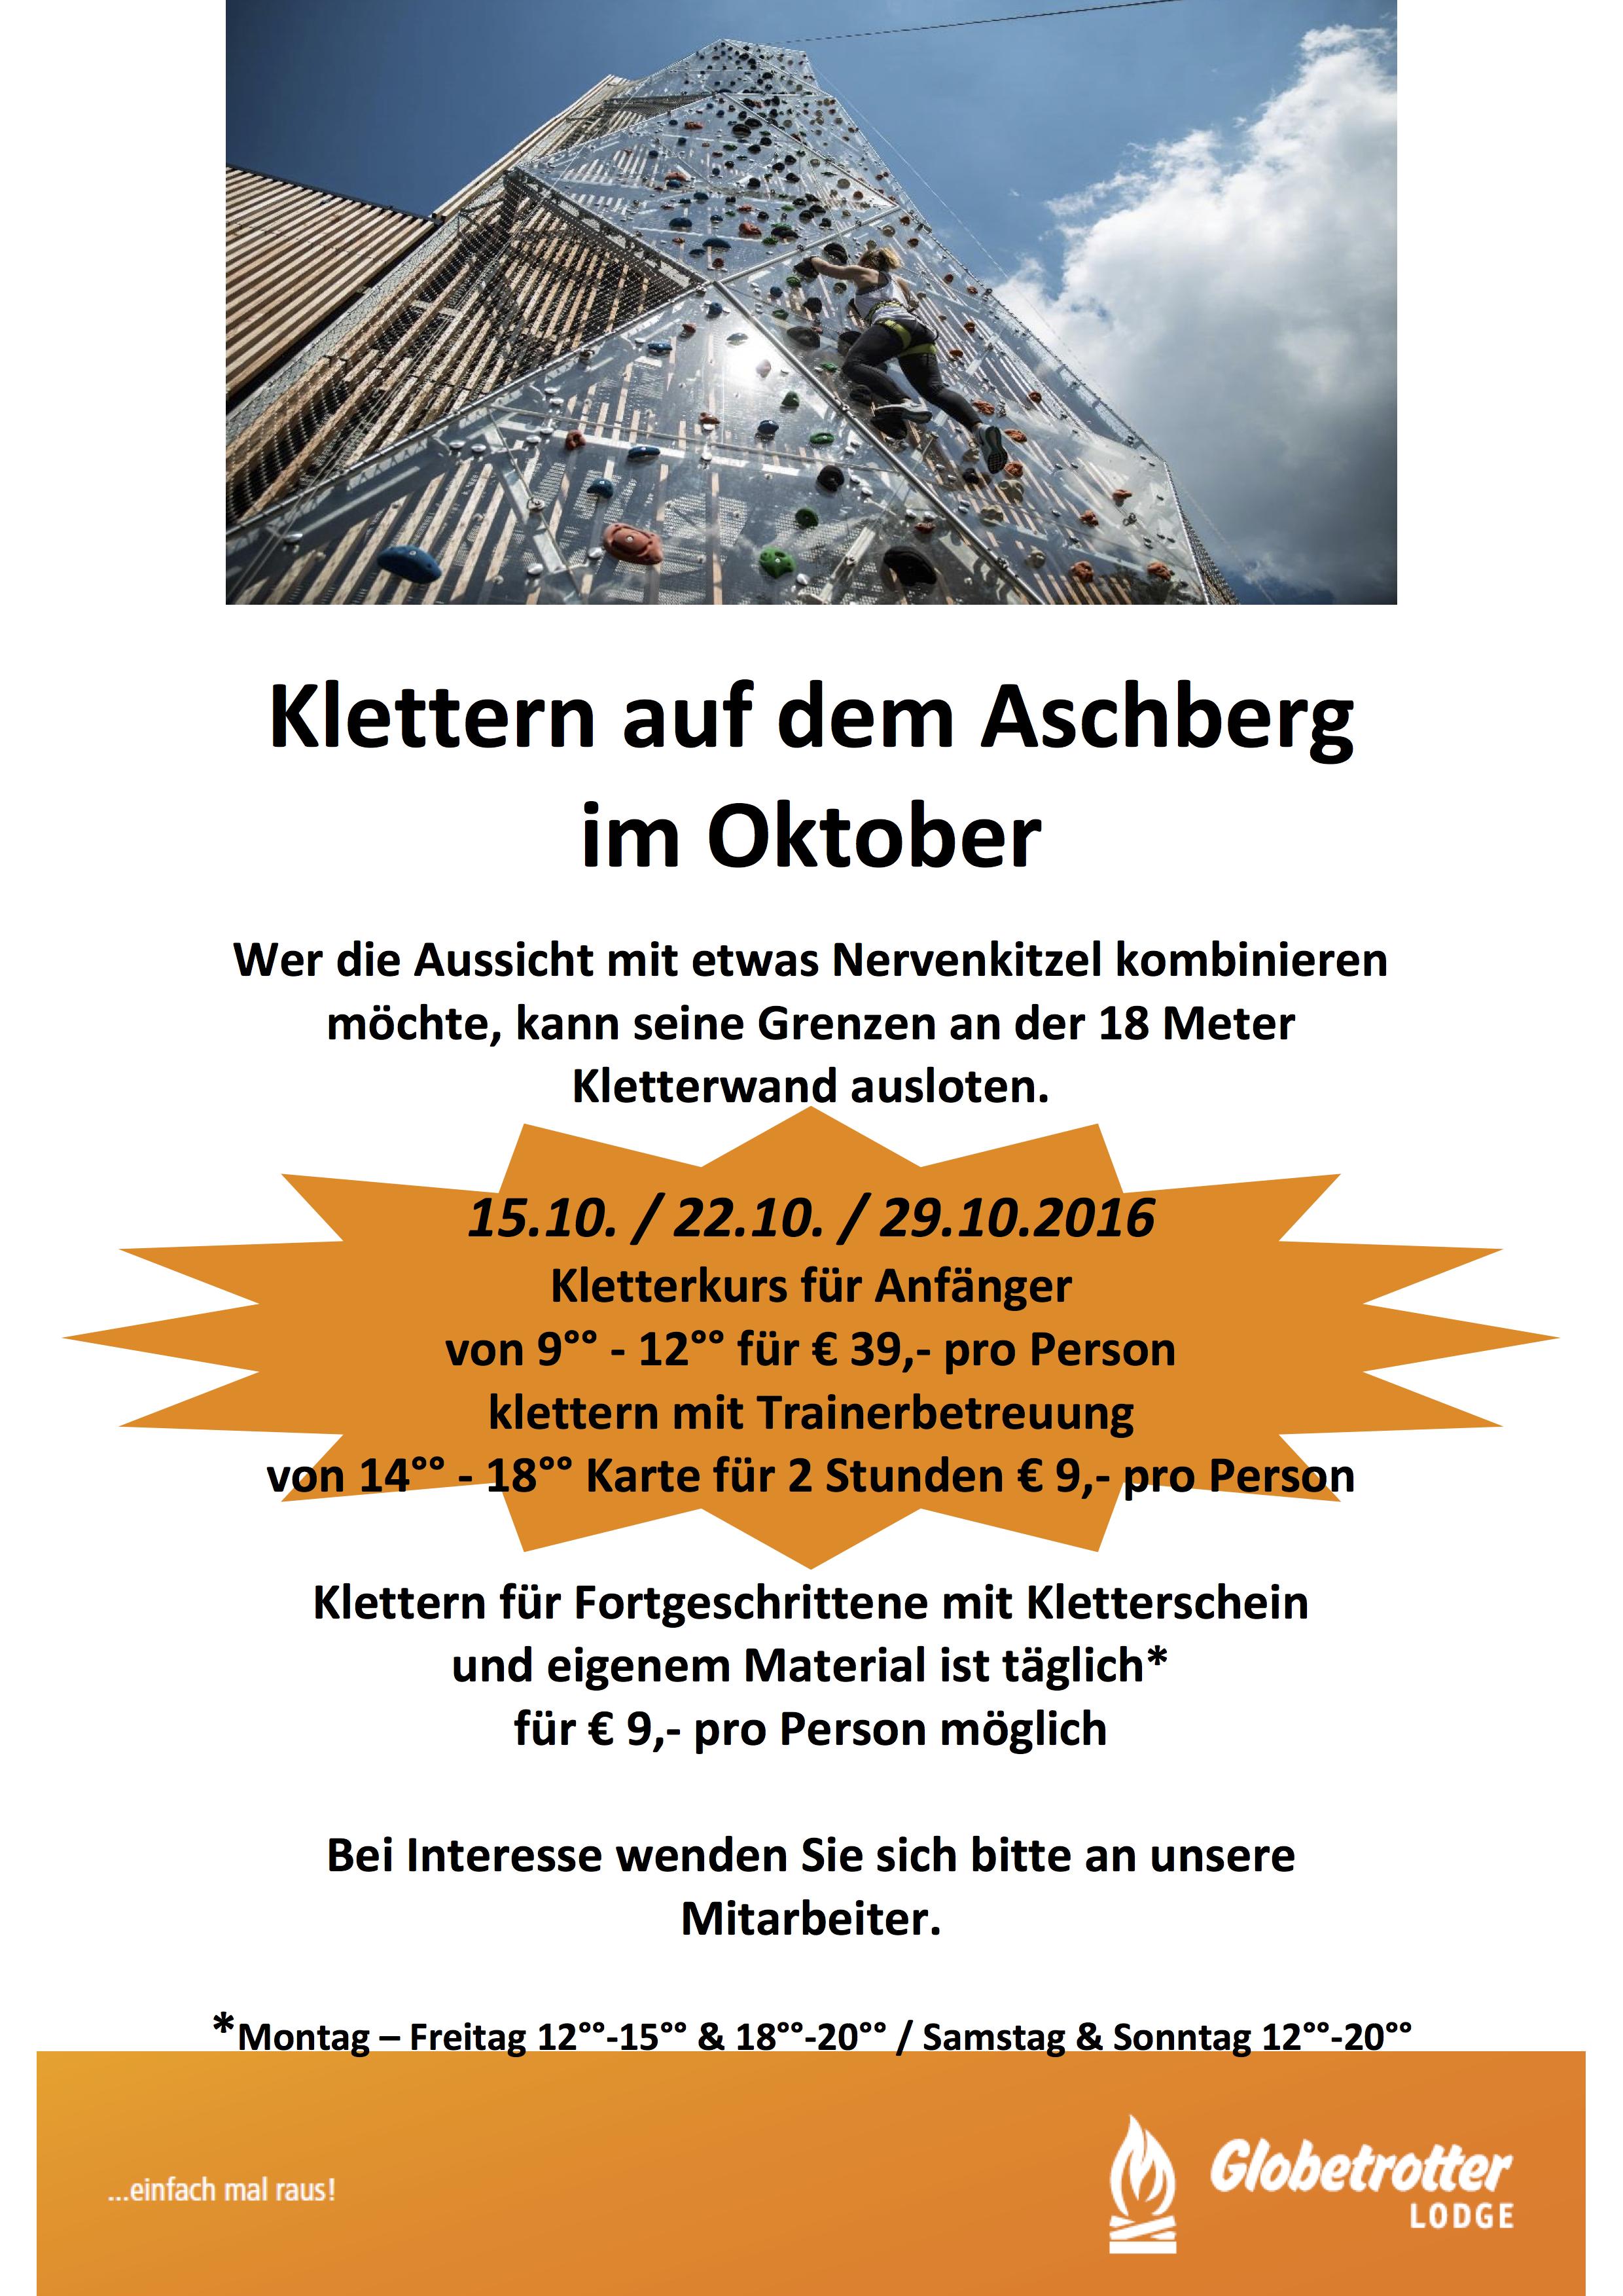 plakat-klettern-auf-dem-aschberg-2